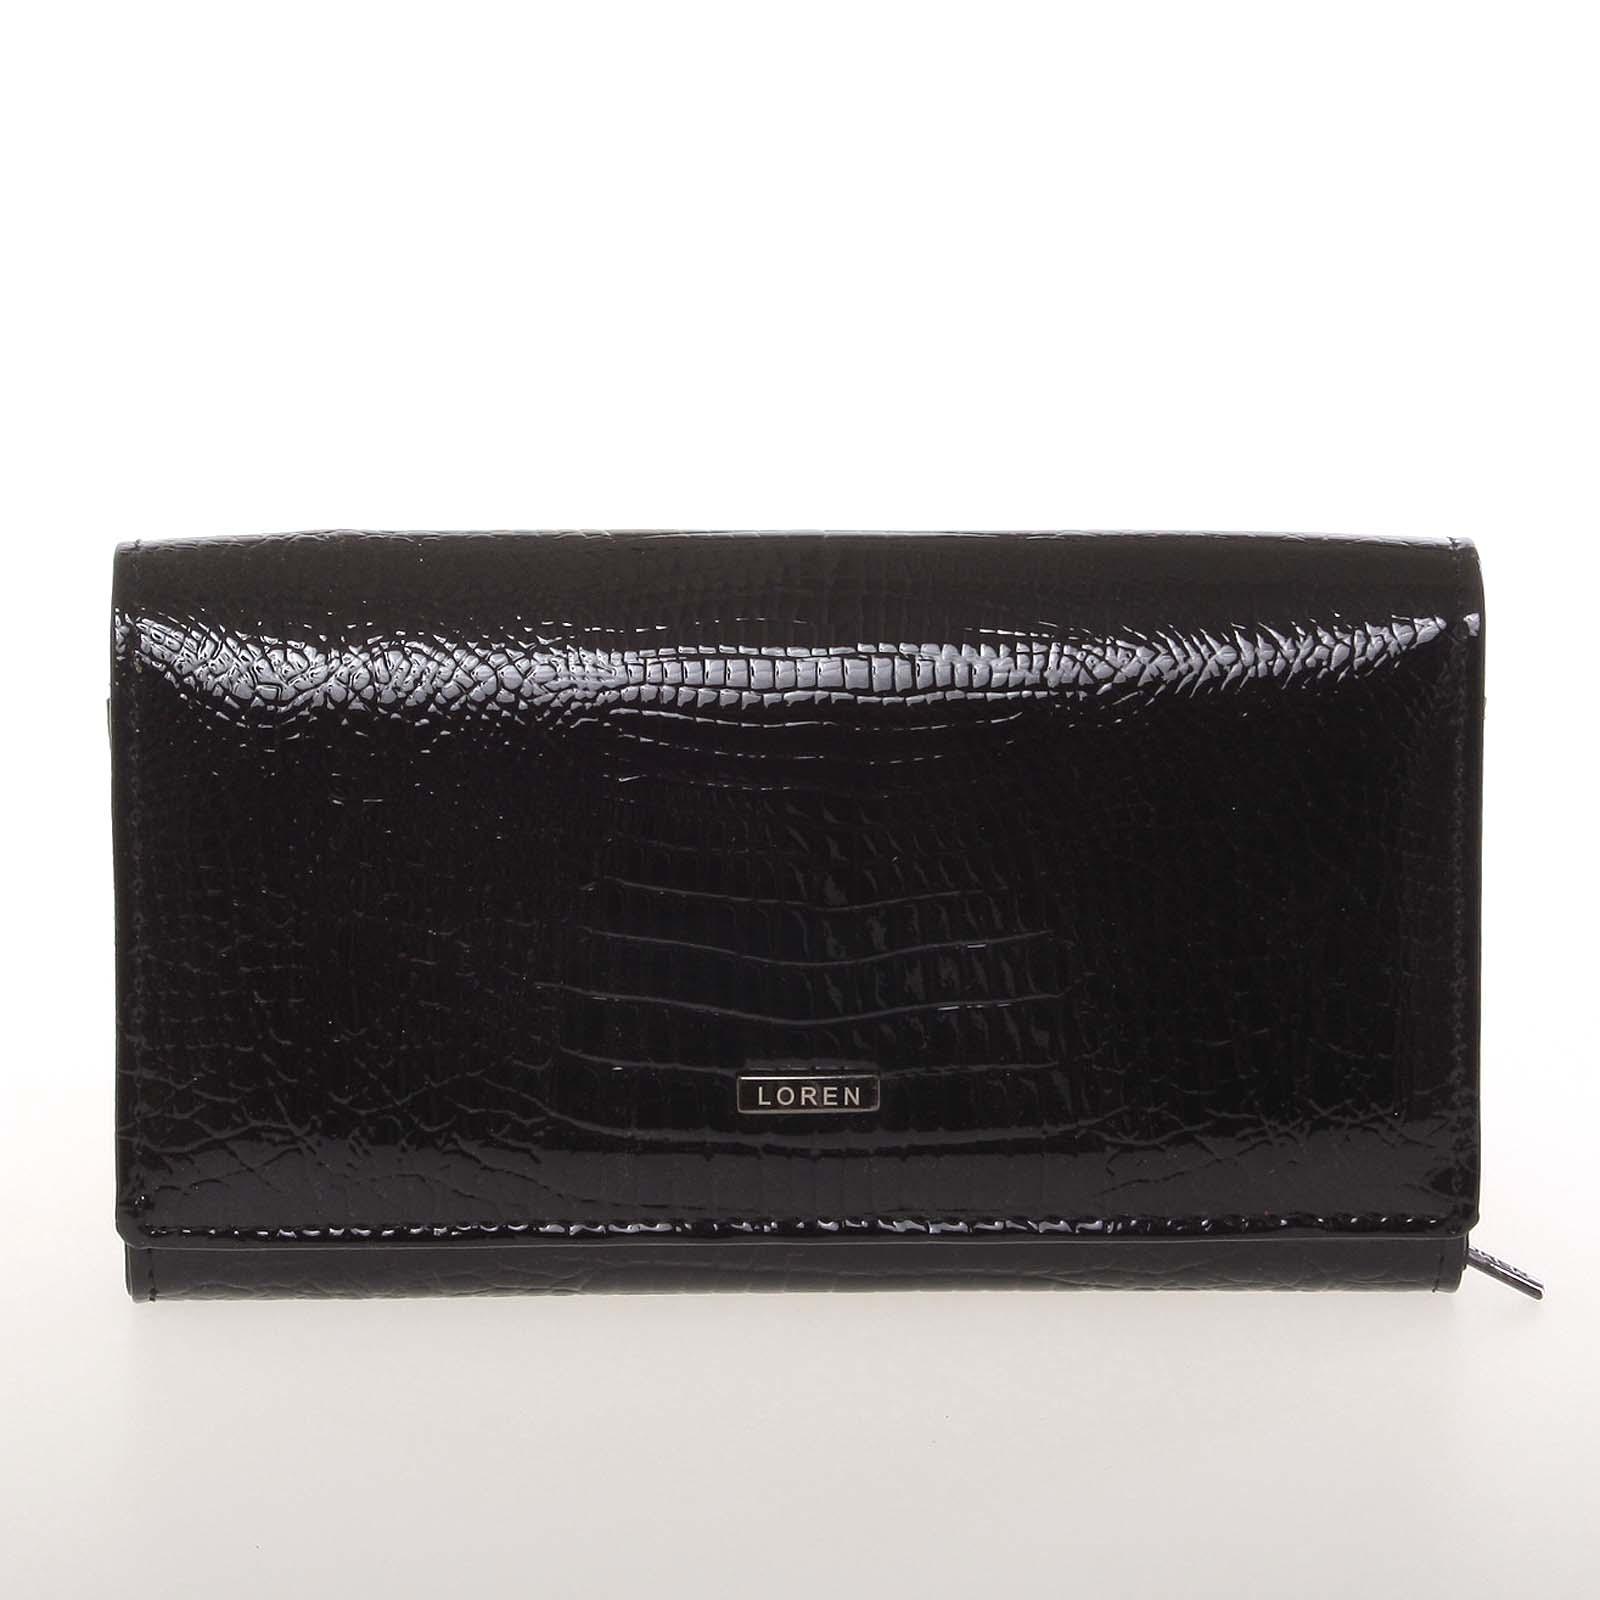 Stredná kožená lakovaná dámska peňaženka čierna - Loren 72035RS